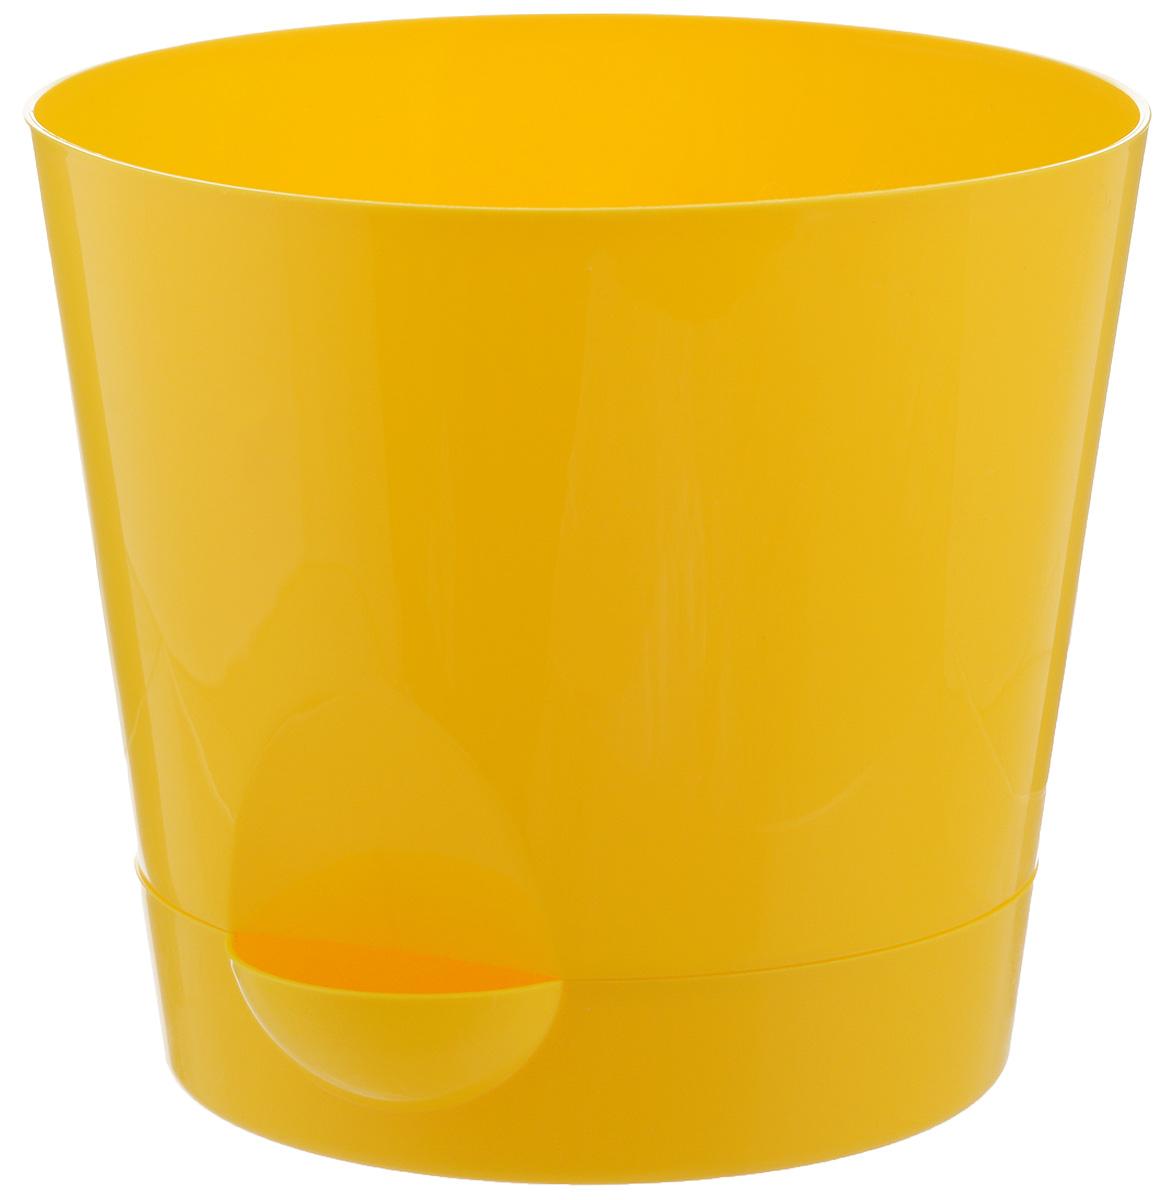 Кашпо Idea Ника, с прикорневым поливом, с поддоном, цвет: желтый, 2,7 лМ 3073Кашпо Idea Ника изготовлено из высококачественного полипропилена (пластика). В комплект входит поддон со специальной выемкой, благодаря которому имеется возможность прикорневого полива. Изделие подходит для выращивания растений и цветов в домашних условиях. Стильная яркая картинка сделает такое кашпо прекрасным дополнением интерьера. Объем горшка: 2,7 л. Диаметр горшка (по верхнему краю): 18 см. Высота горшка: 16,5 см. Диаметр подставки: 15 см.